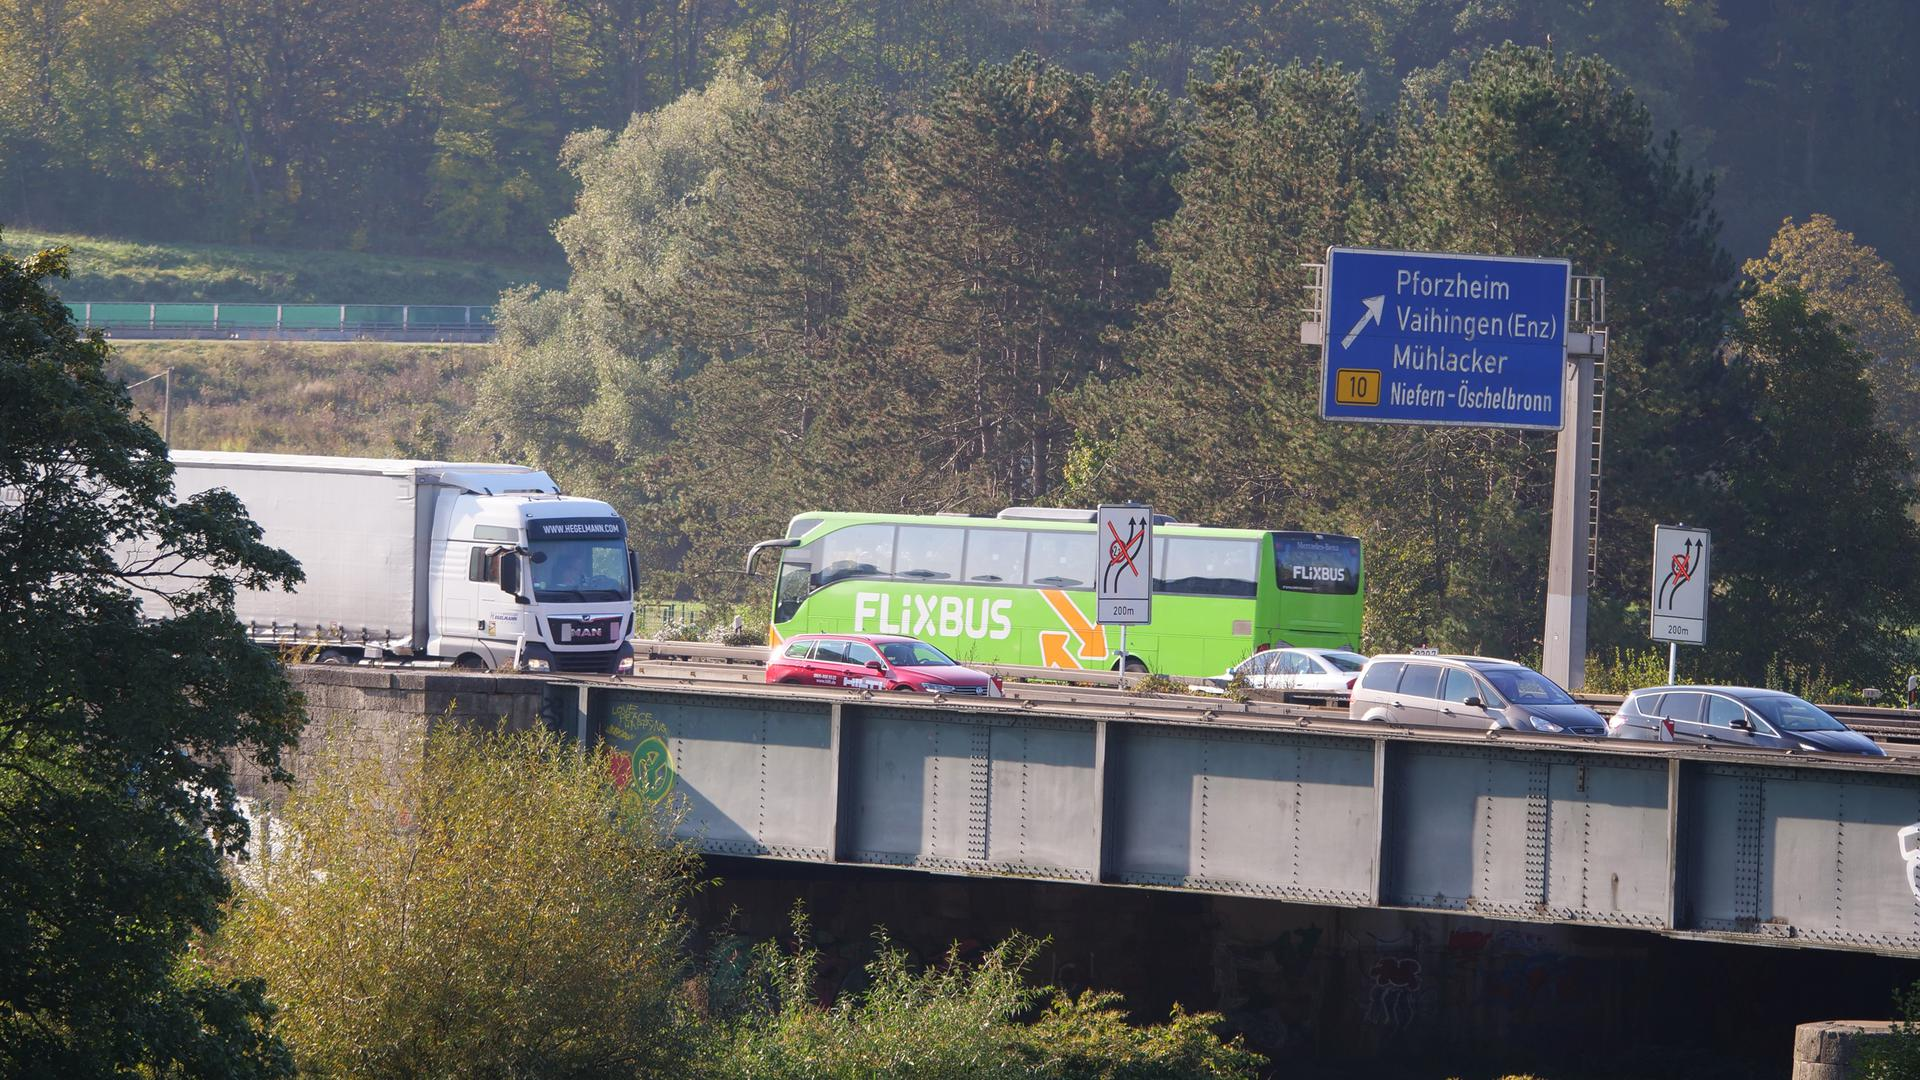 Verkehrsbehinderungen bei der Enztalquerung der A8 lassen sich während der Bauarbeiten nicht verhindern, trotzdem werden weiterhin zwei Fahrstreifen offen sein, kündigt die Autobahn GmbH an